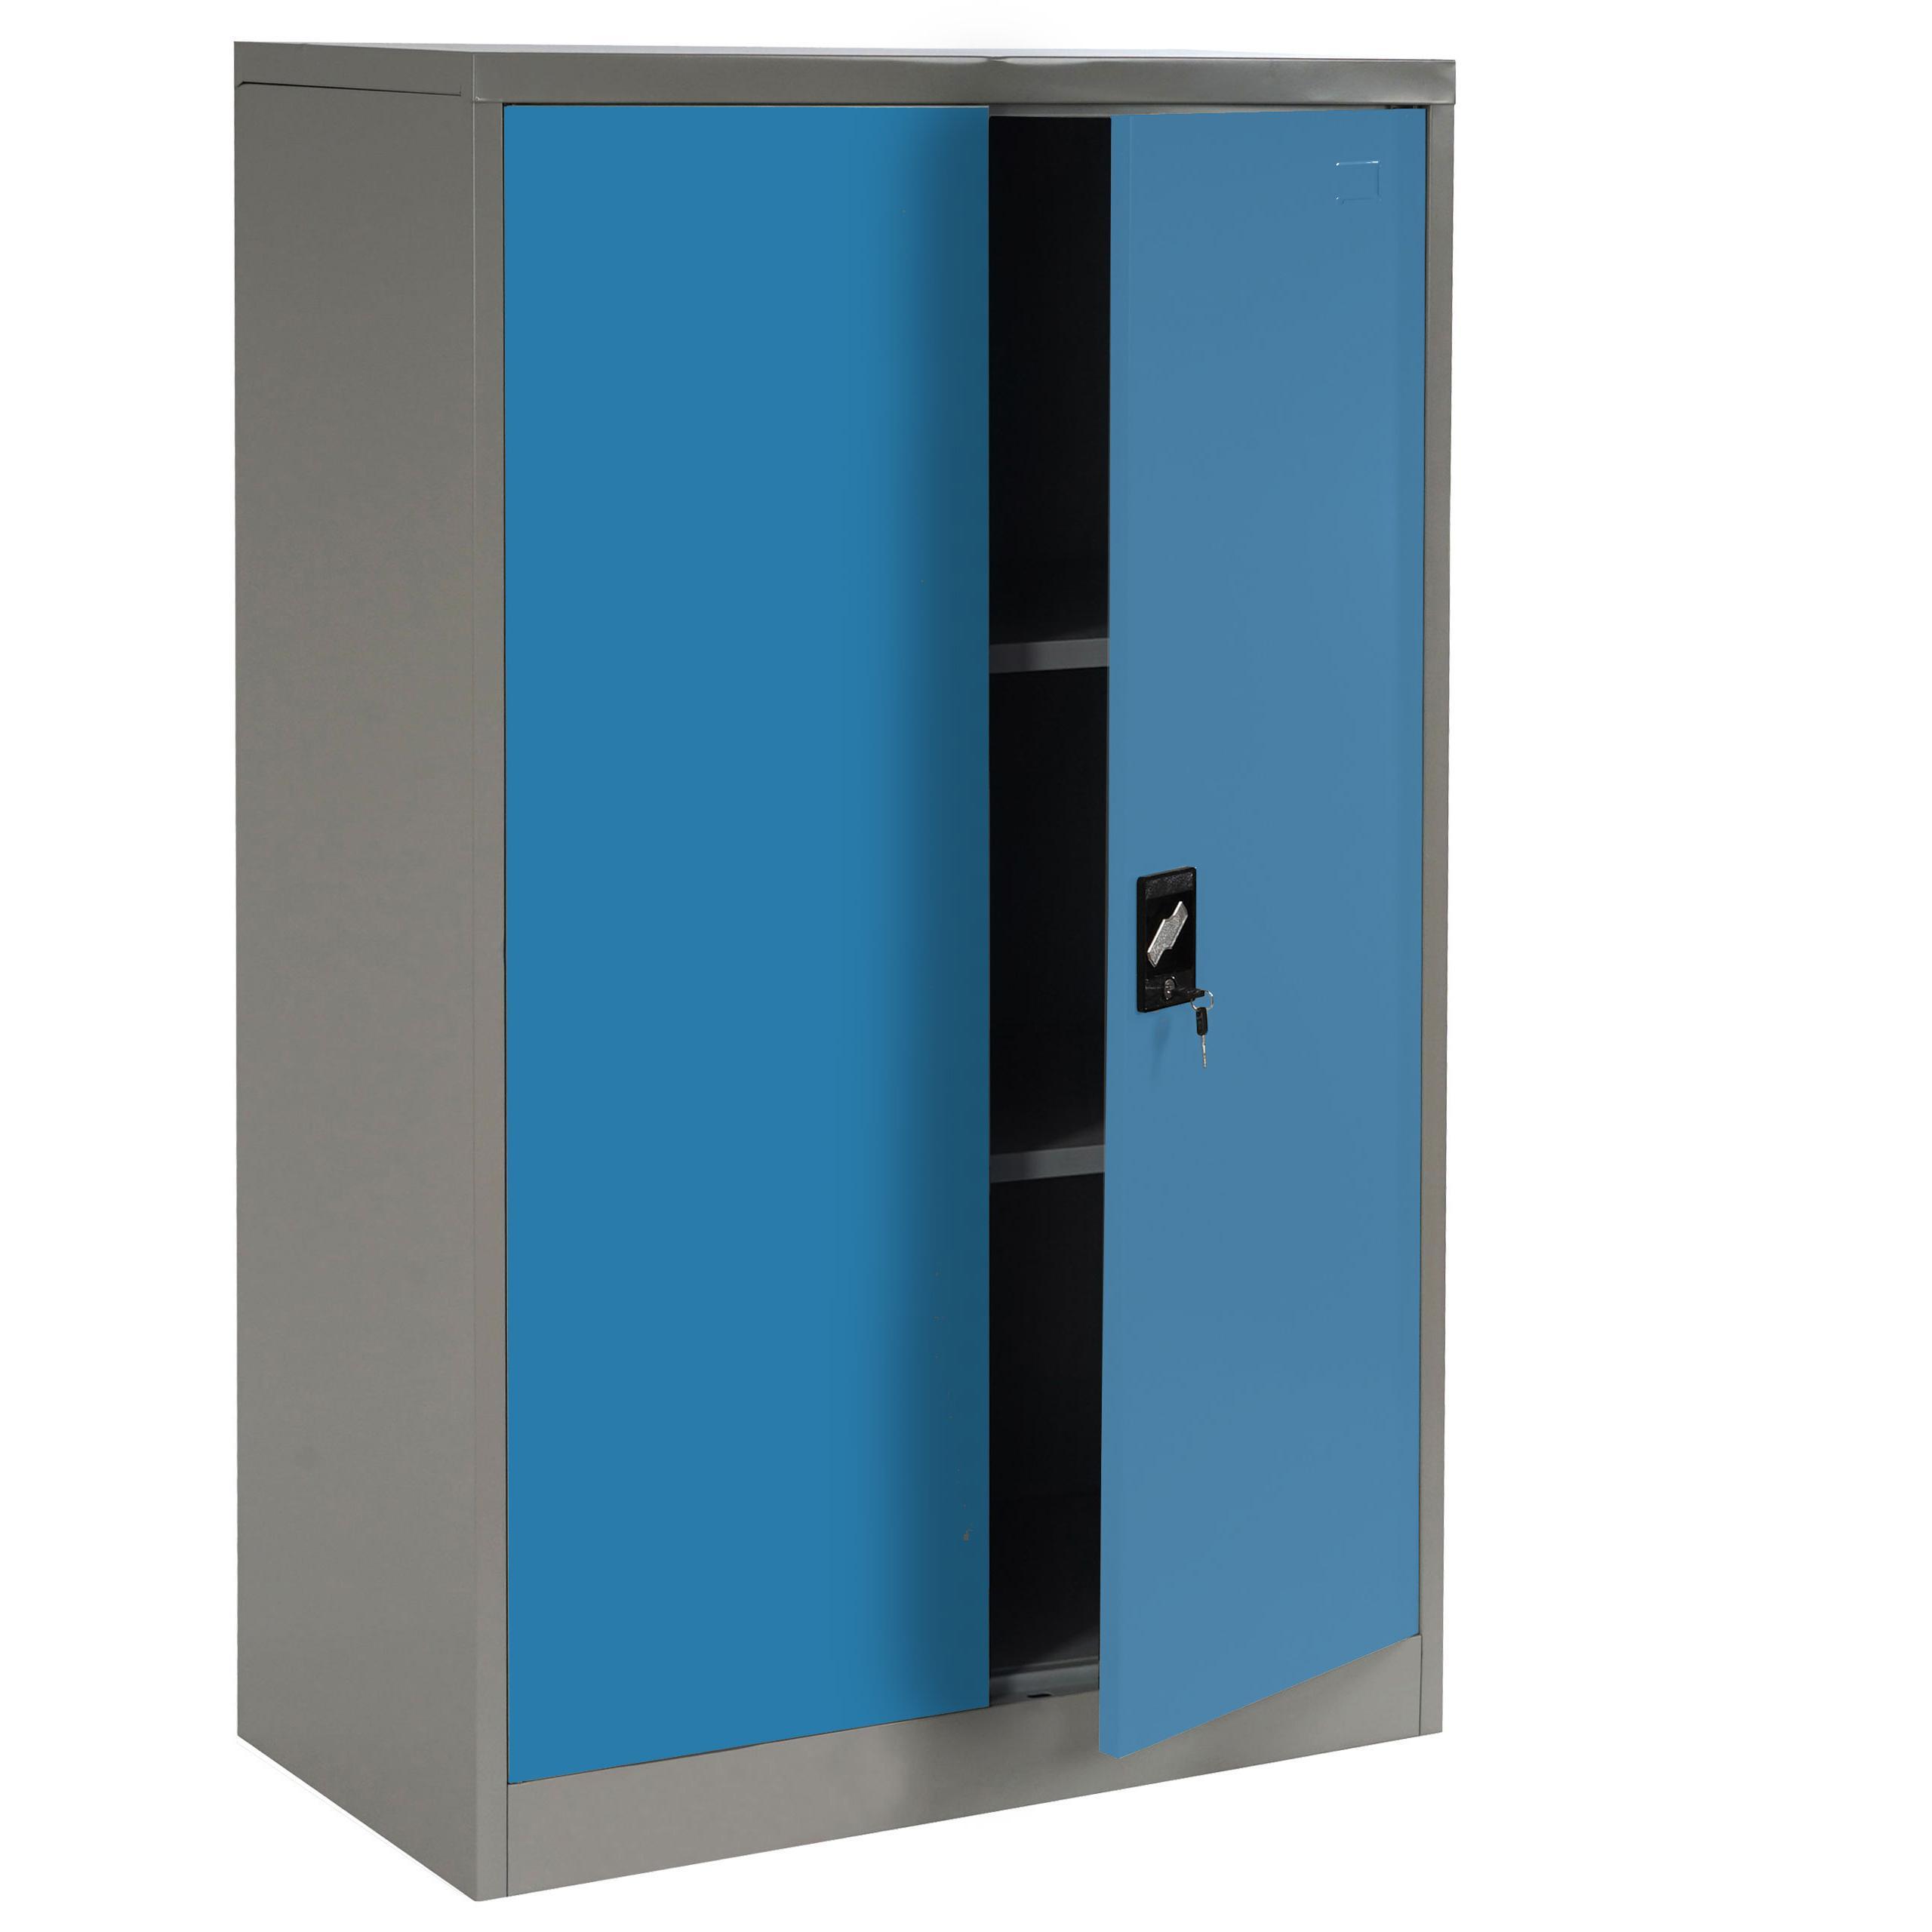 Artesanato Kit Para Banheiro ~ Armario archivador metálico EDIT 2 PUERTAS 140x80x40 cm Gran capacidad de almacenaje y máxima